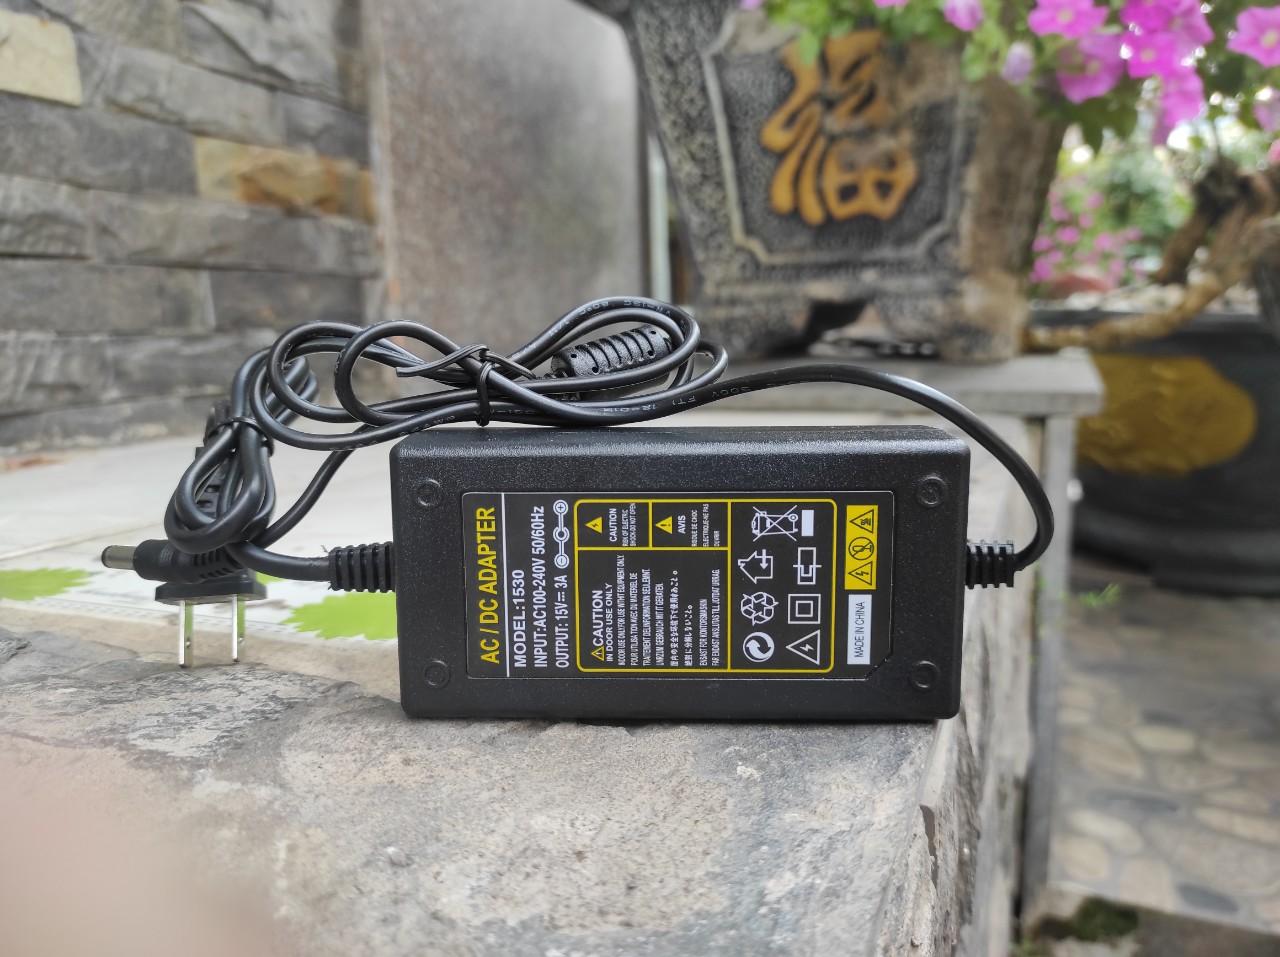 Adapter Nguồn 15V 3A Chuyên Dùng Cho Loa Kéo Và Các Thiết Bị Điện Tử Có Đèn Led